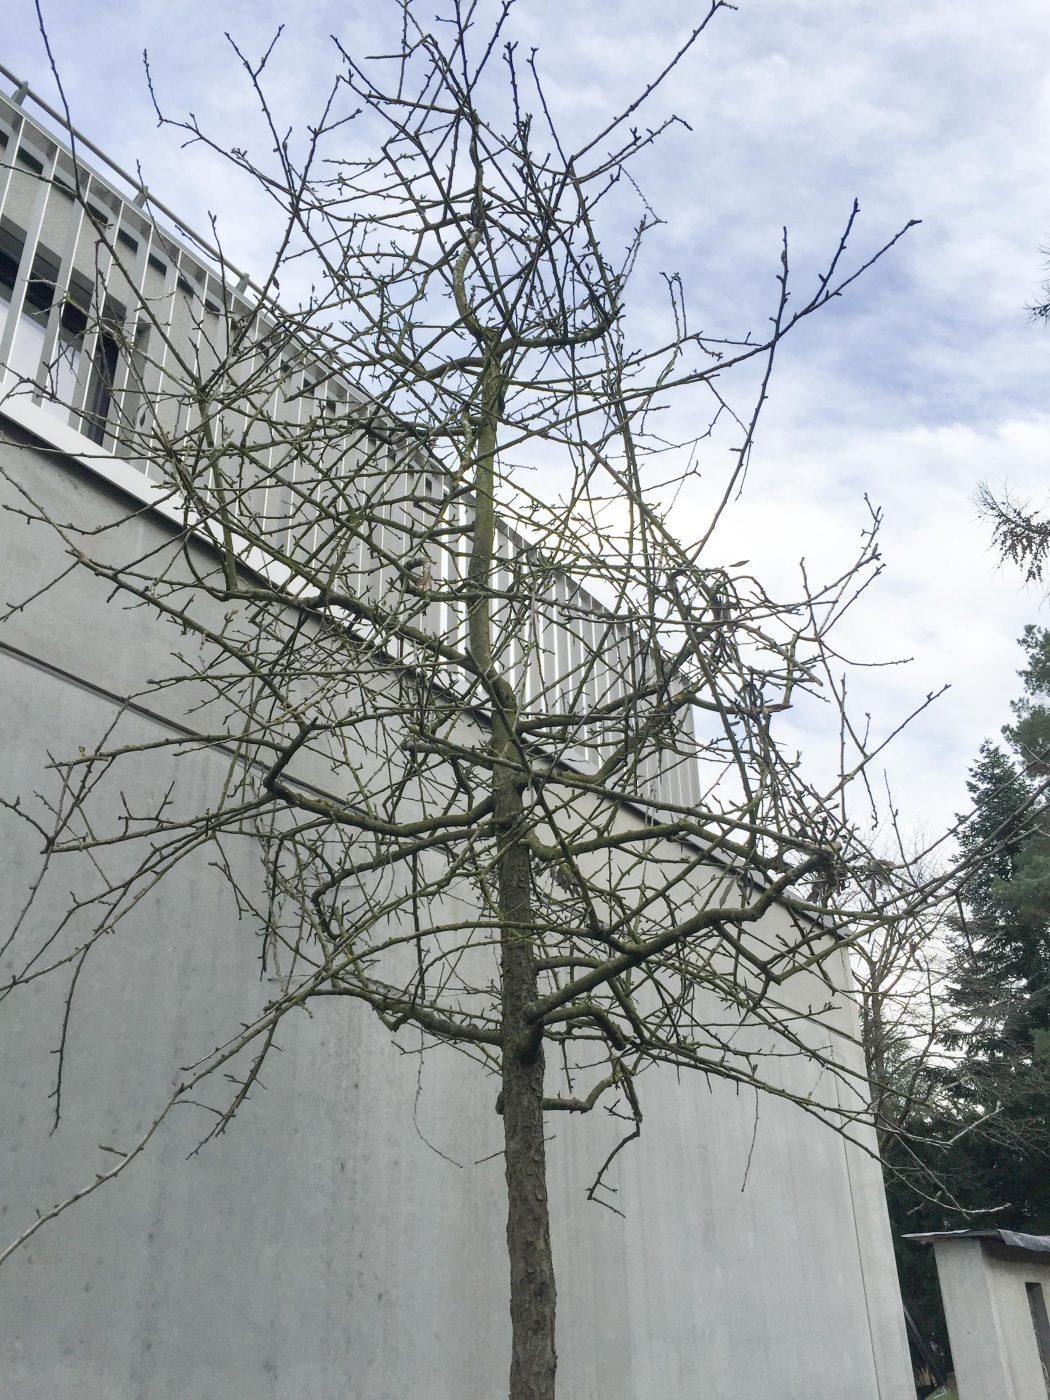 Weidenblättrige Birne, Pyrus salicifolia, mit ihrem sperrigen Astgerüst